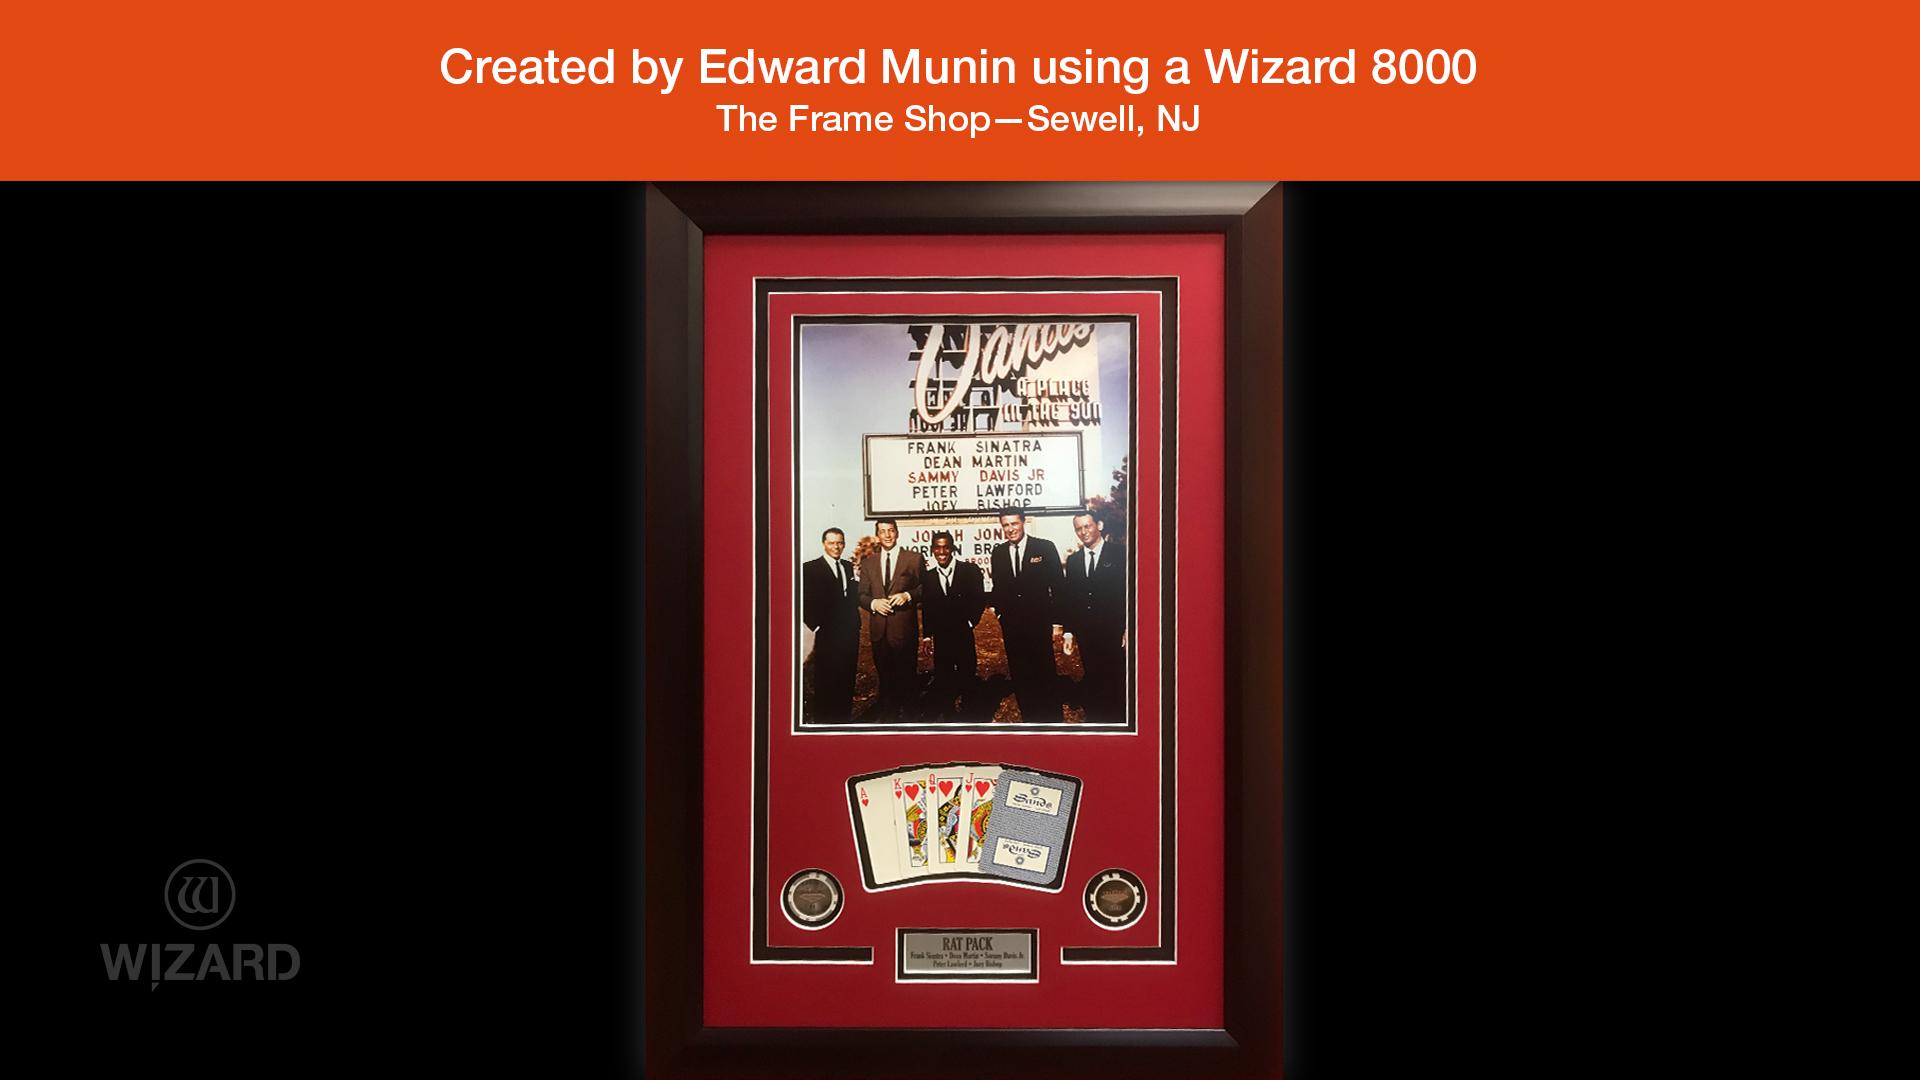 edward-munin-1.jpg